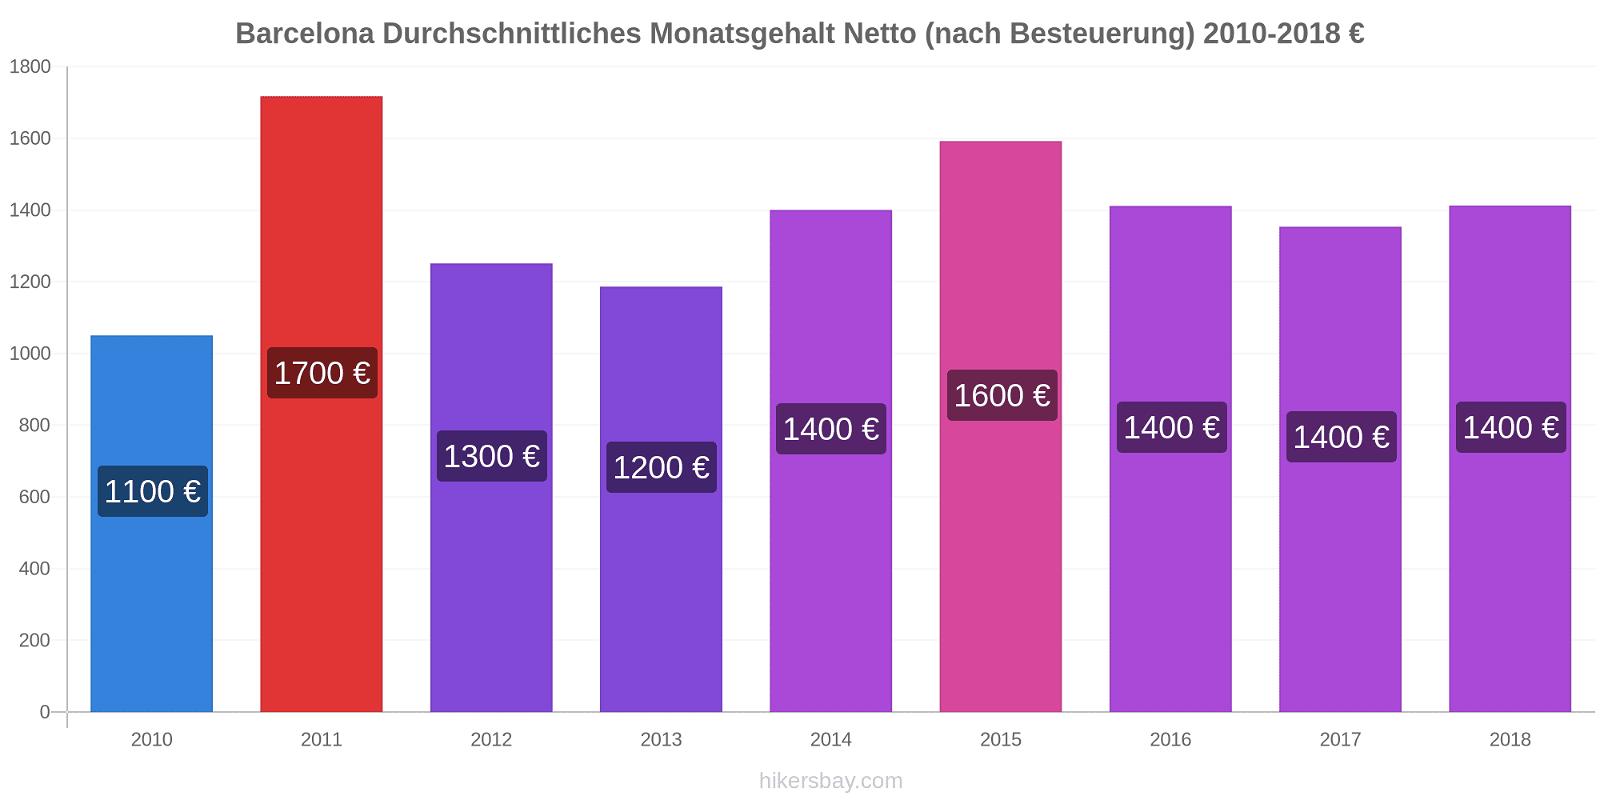 Barcelona Preisänderungen Durchschnittliches Monatsgehalt Netto (nach Besteuerung) hikersbay.com